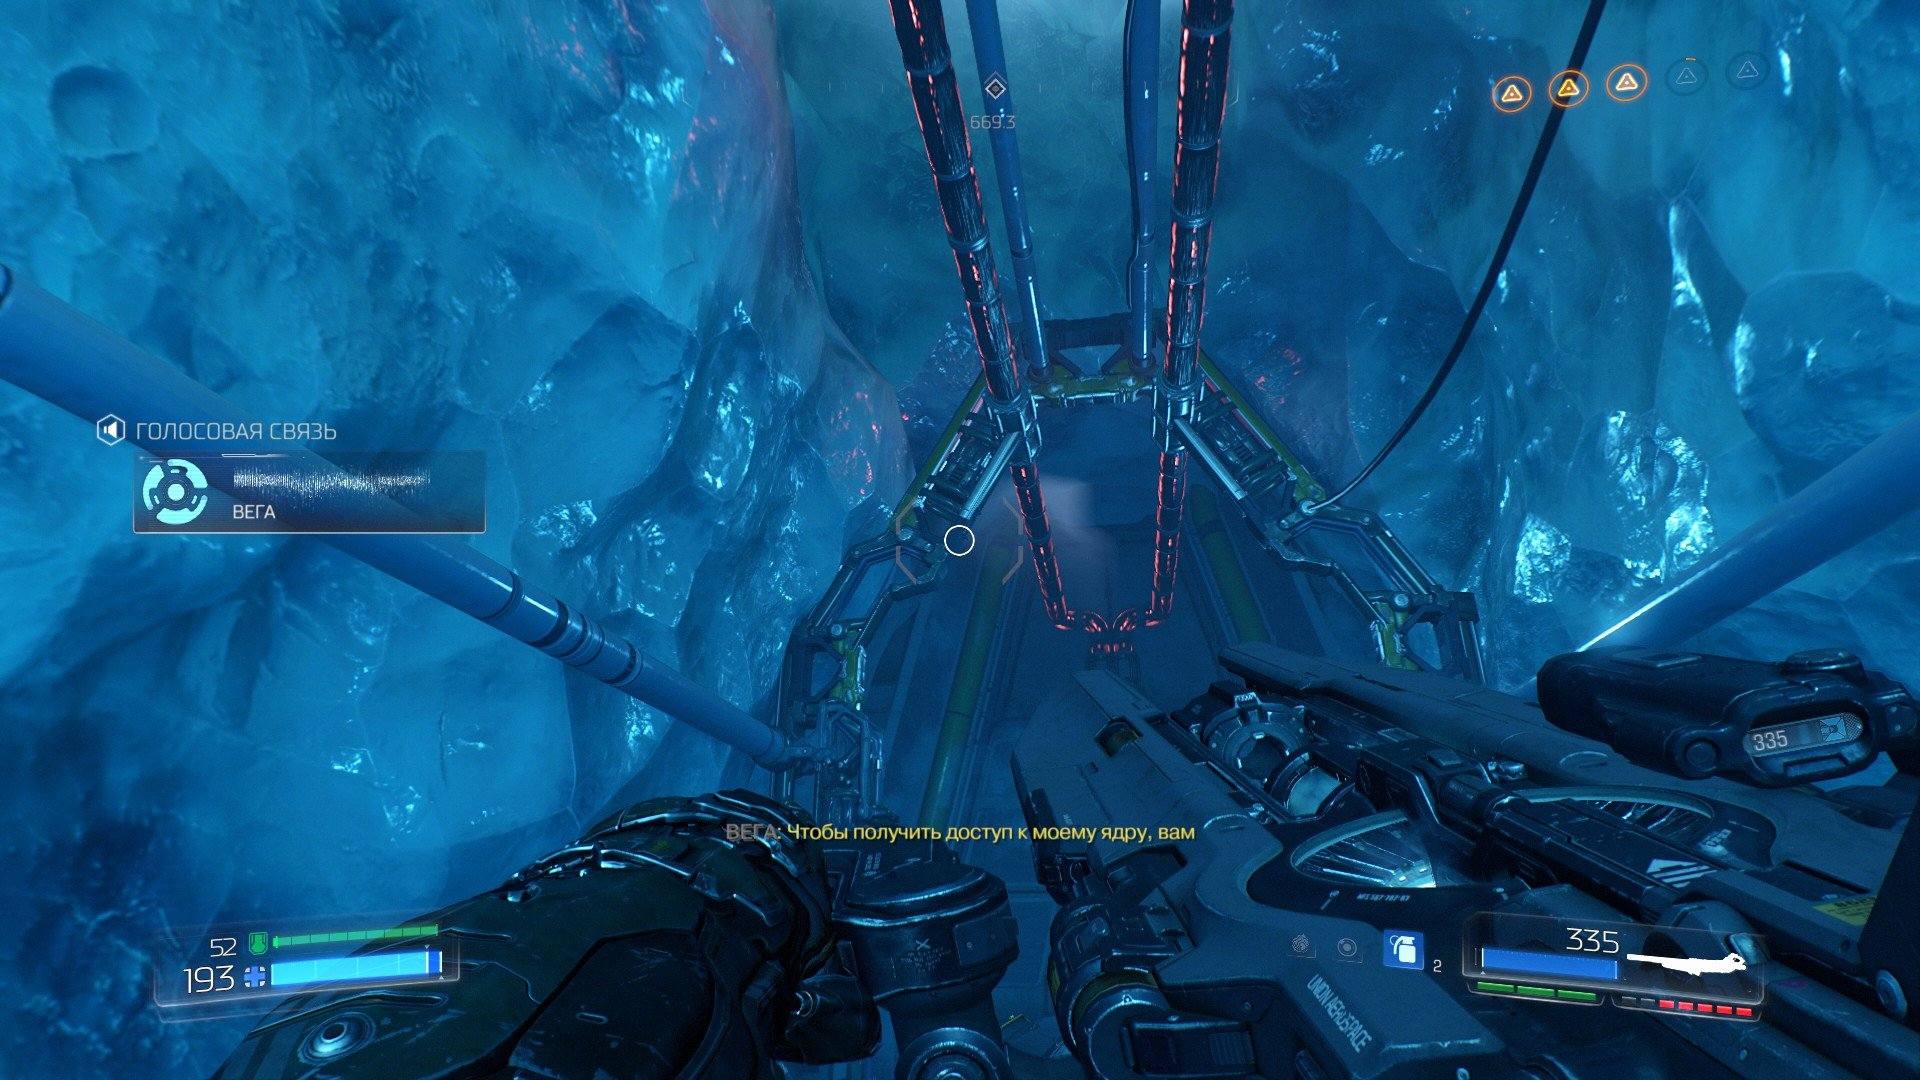 Вопль-прохождение Doom ... ФИНАЛ!!! - Изображение 16